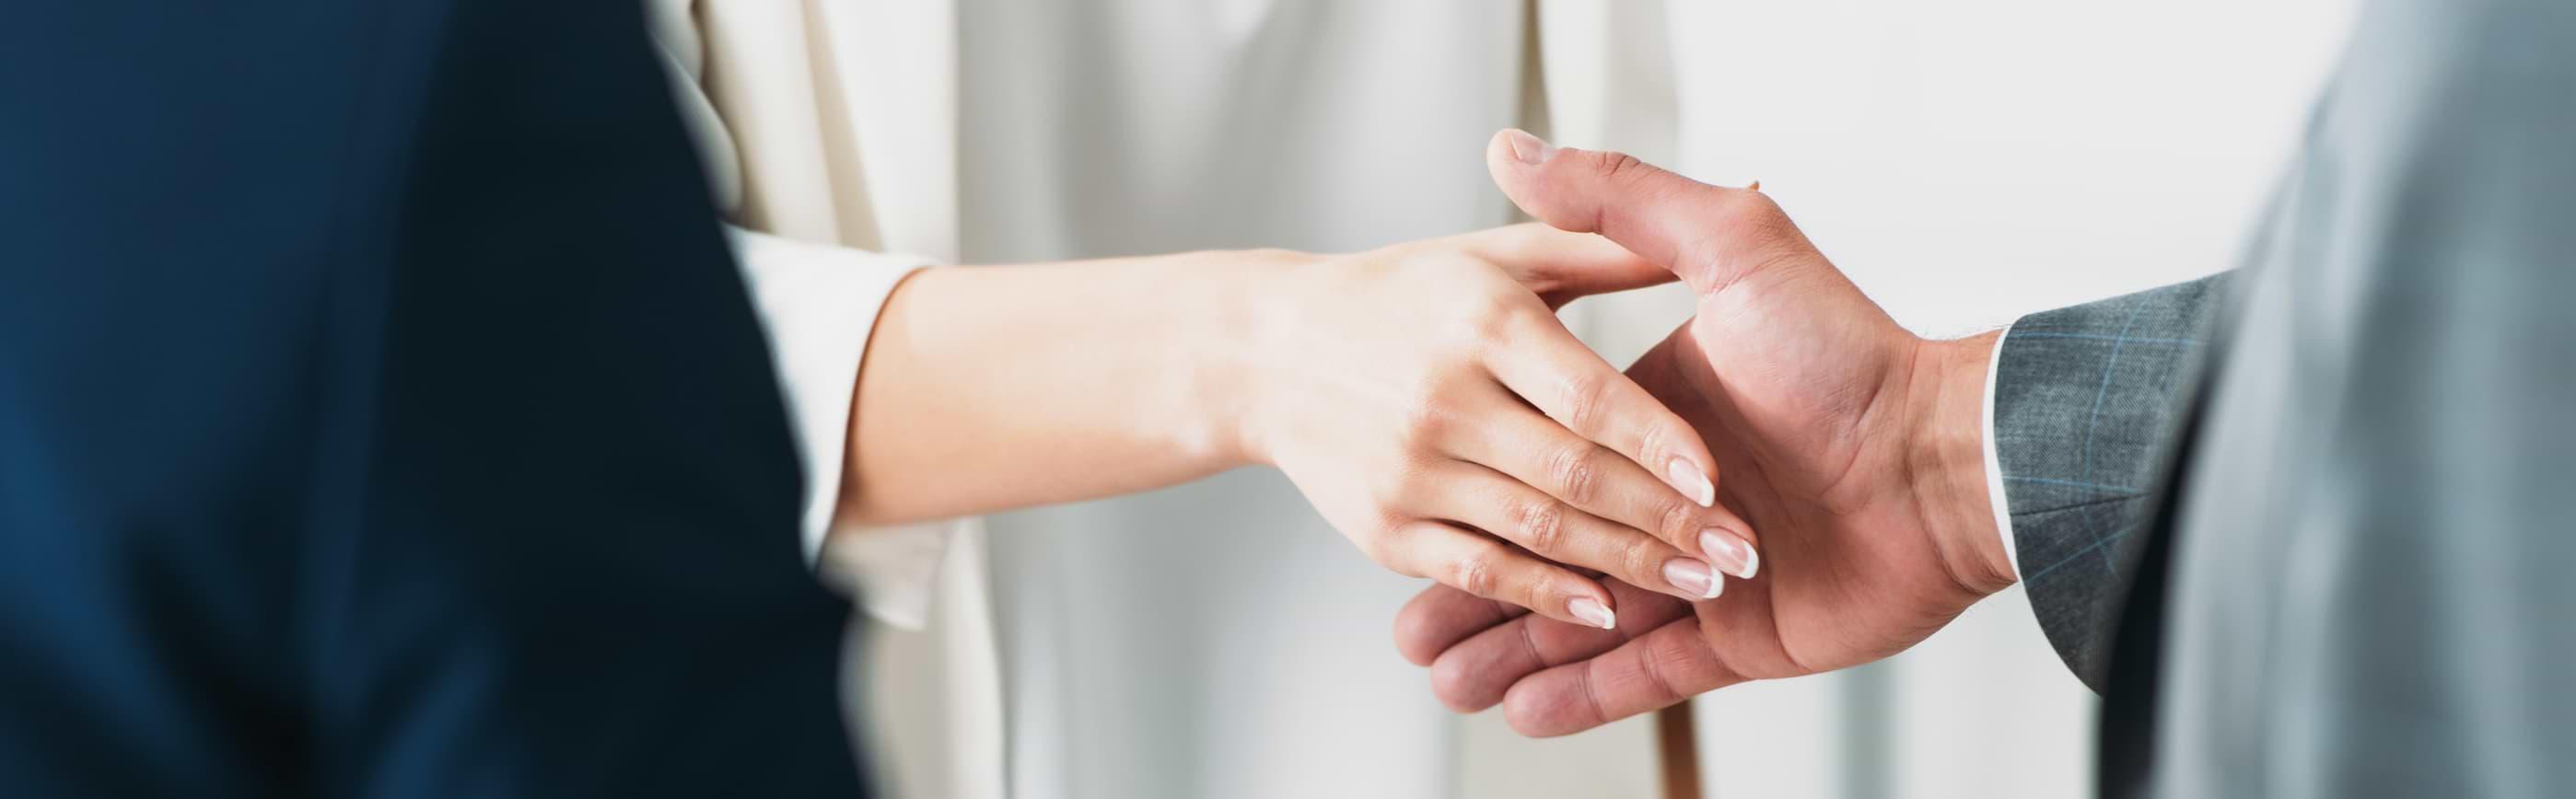 Kvinna som skakar mans hand för att förlänga smslån